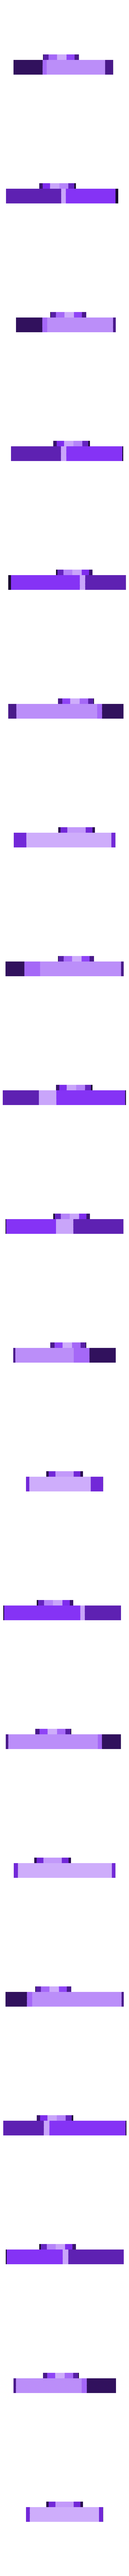 Printrbot_Multi_Front_Blank.stl Télécharger fichier STL gratuit Printrbot Multi • Objet à imprimer en 3D, rushmere3d